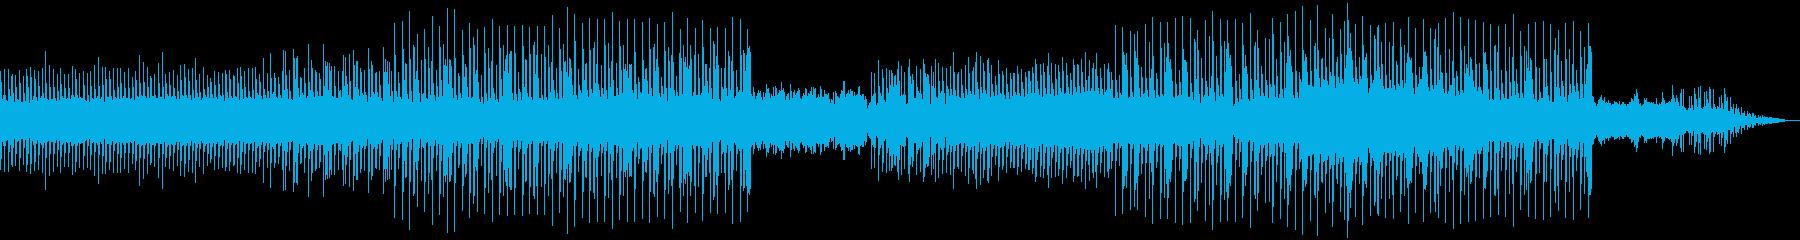 クライマックスに向かうミニマルテクノの再生済みの波形